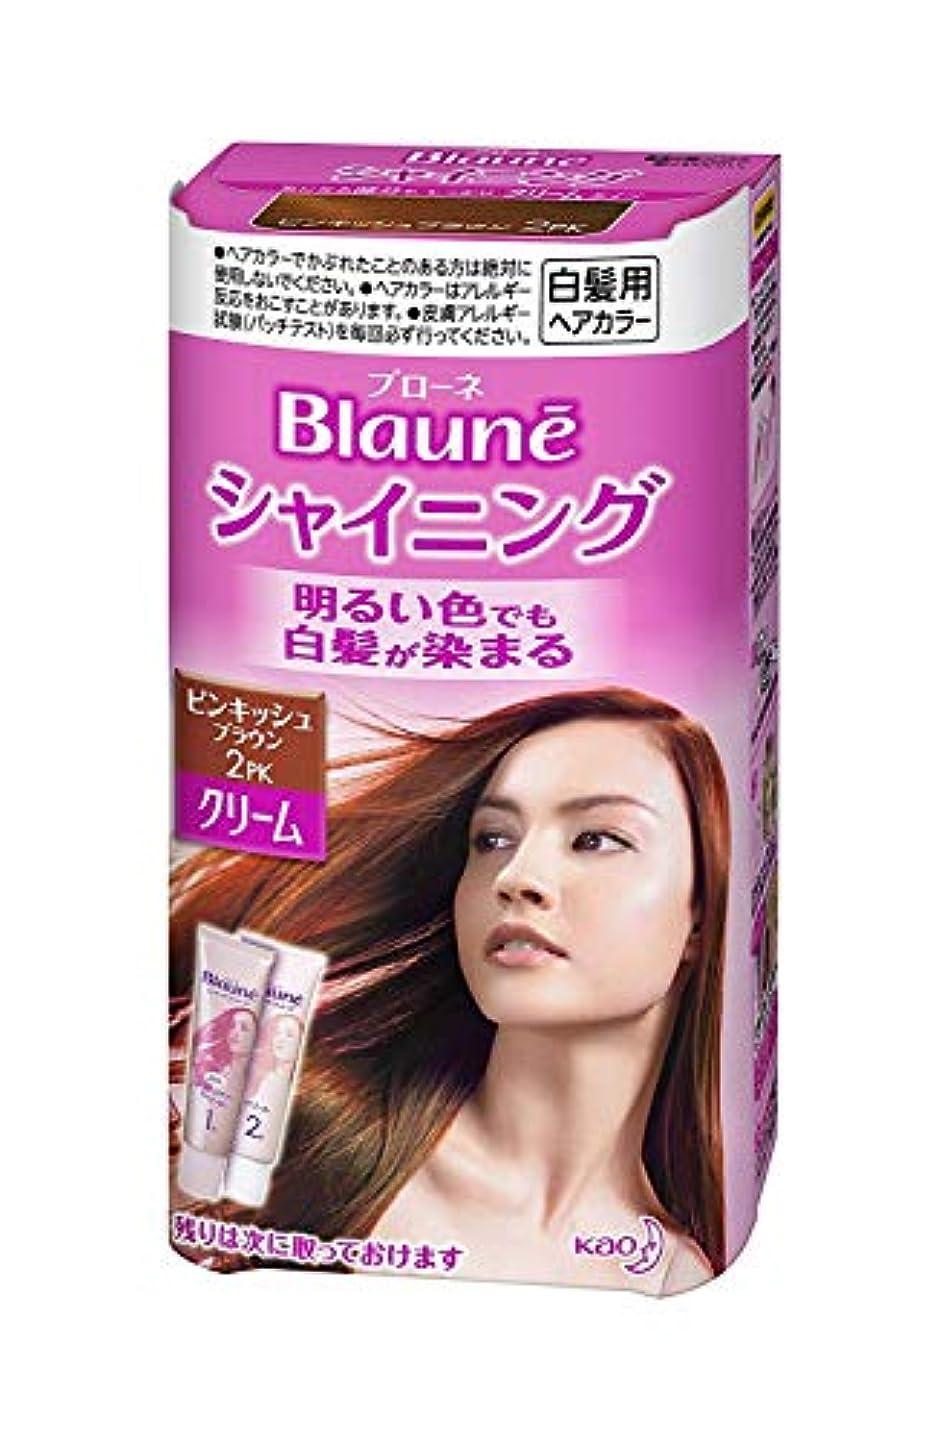 【花王】ブローネ シャイニングヘアカラークリーム2PK ピンキッシュブラウン ×10個セット